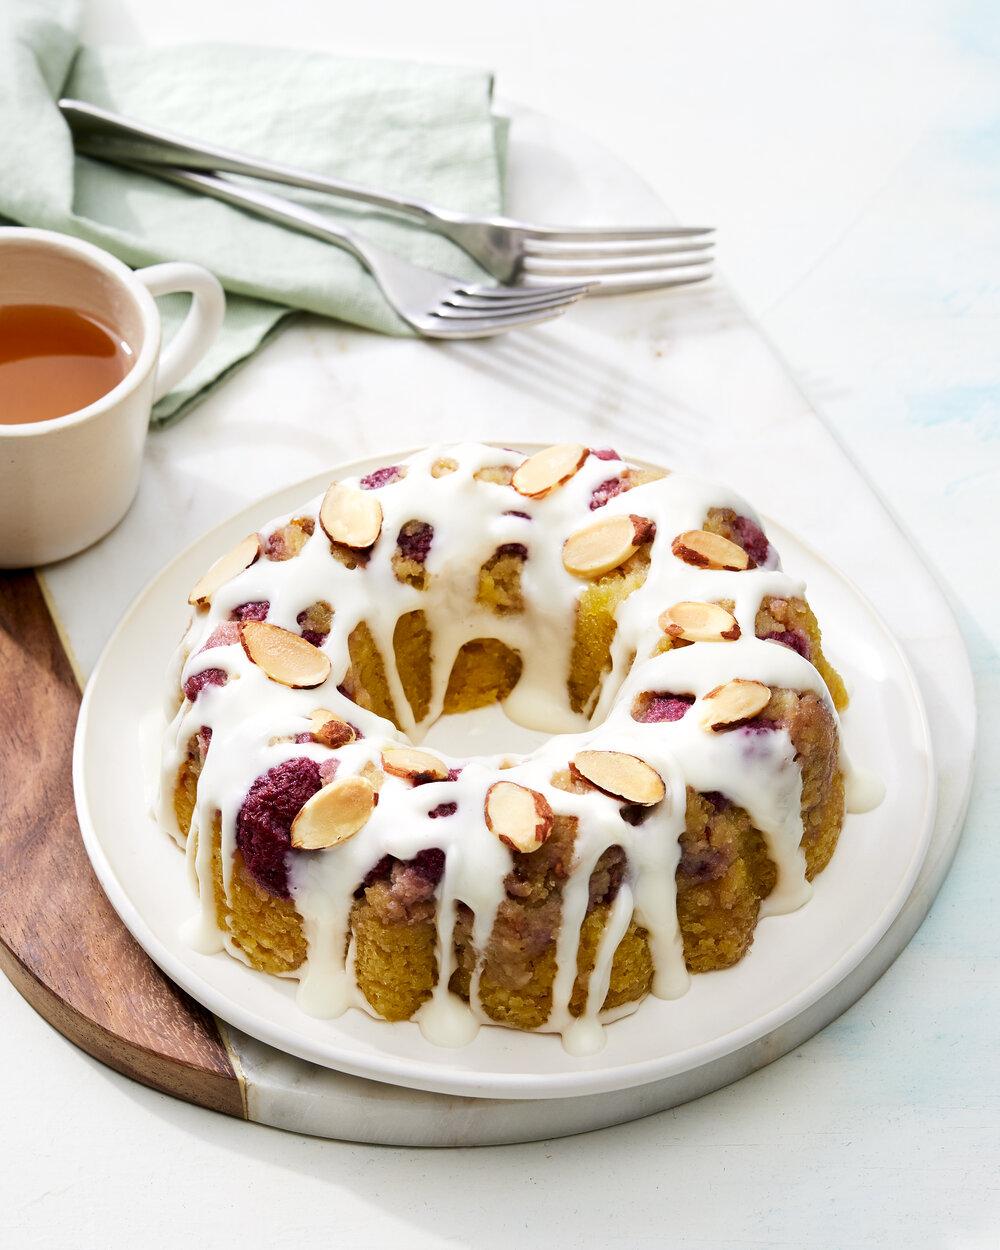 KITC_SWEETS_Lemon-Raspberry Cream Cheese Bundt Cake_4548_social.jpg